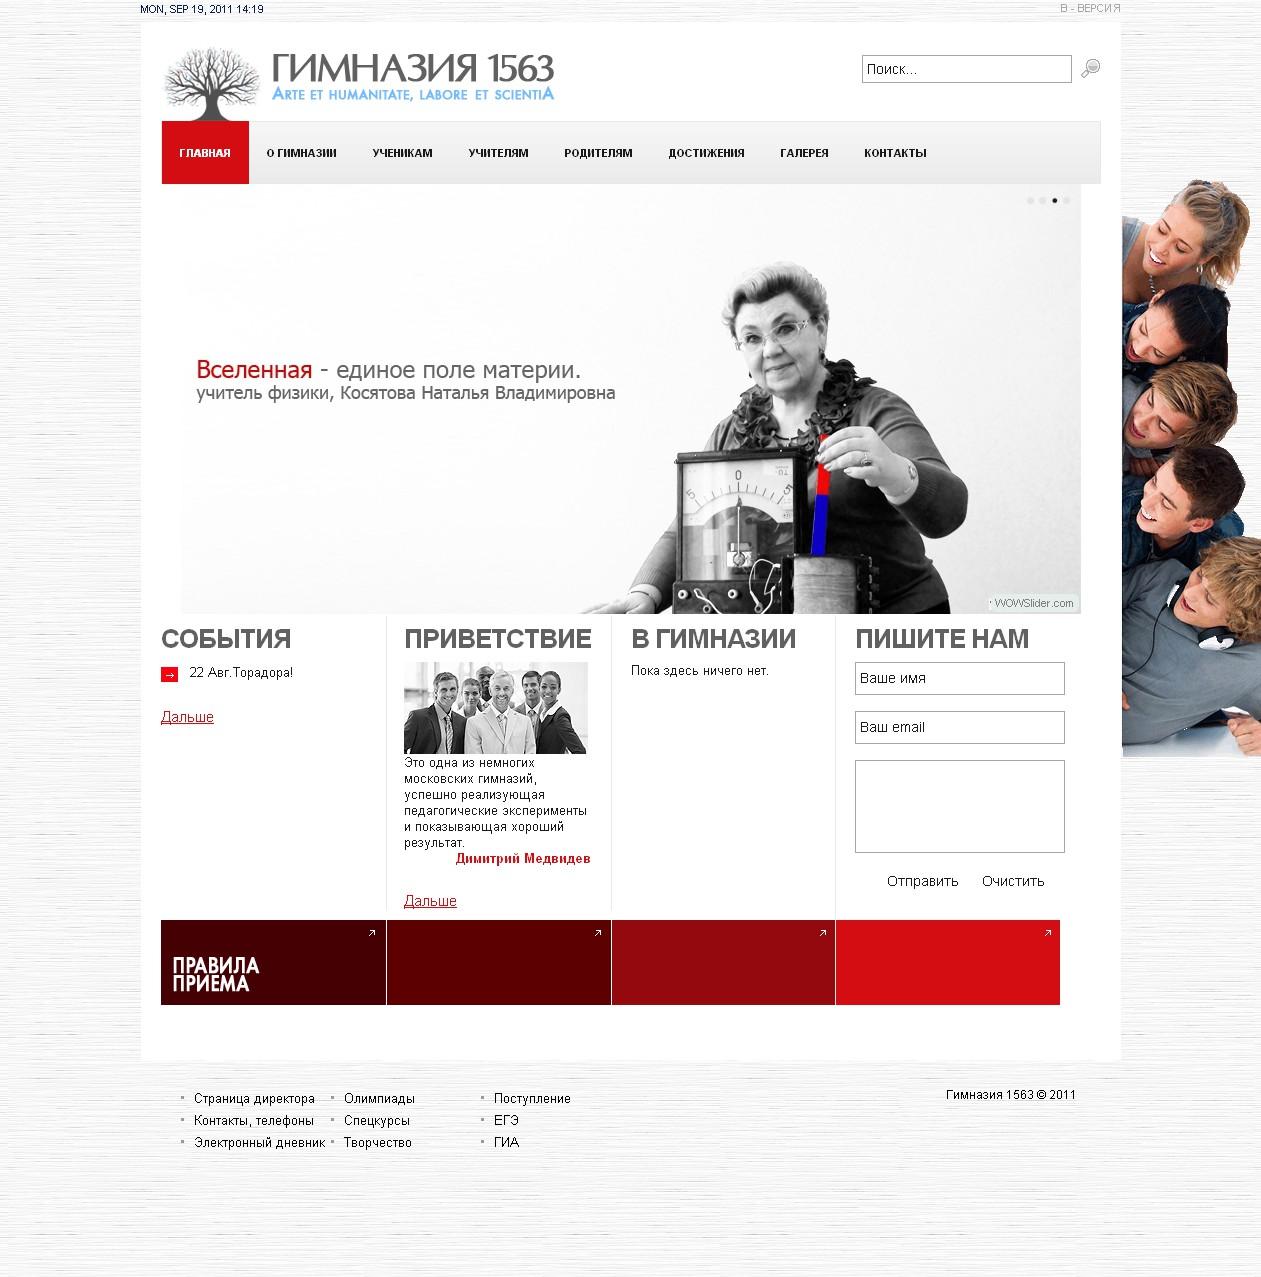 Шаблон «Гимназия 1563» для WordPress